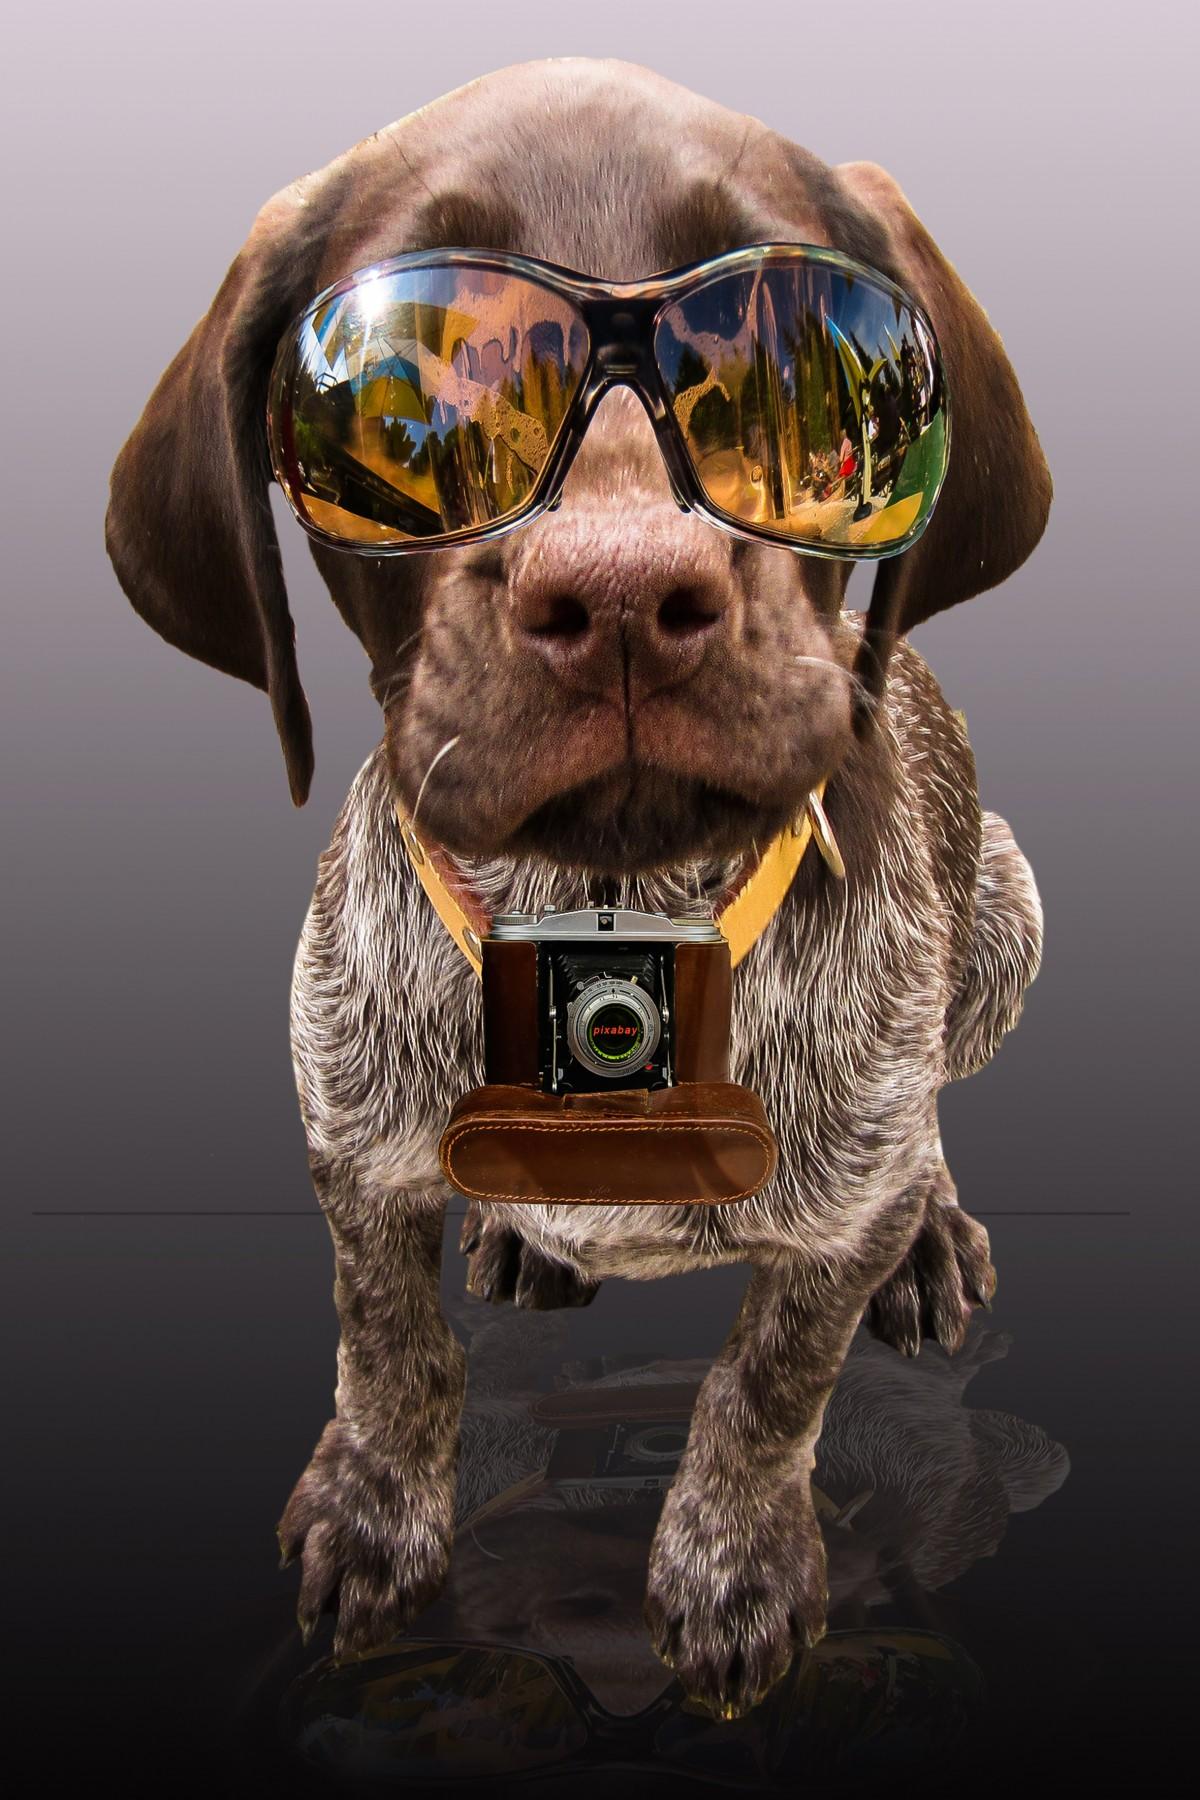 Картинка с псом в очках